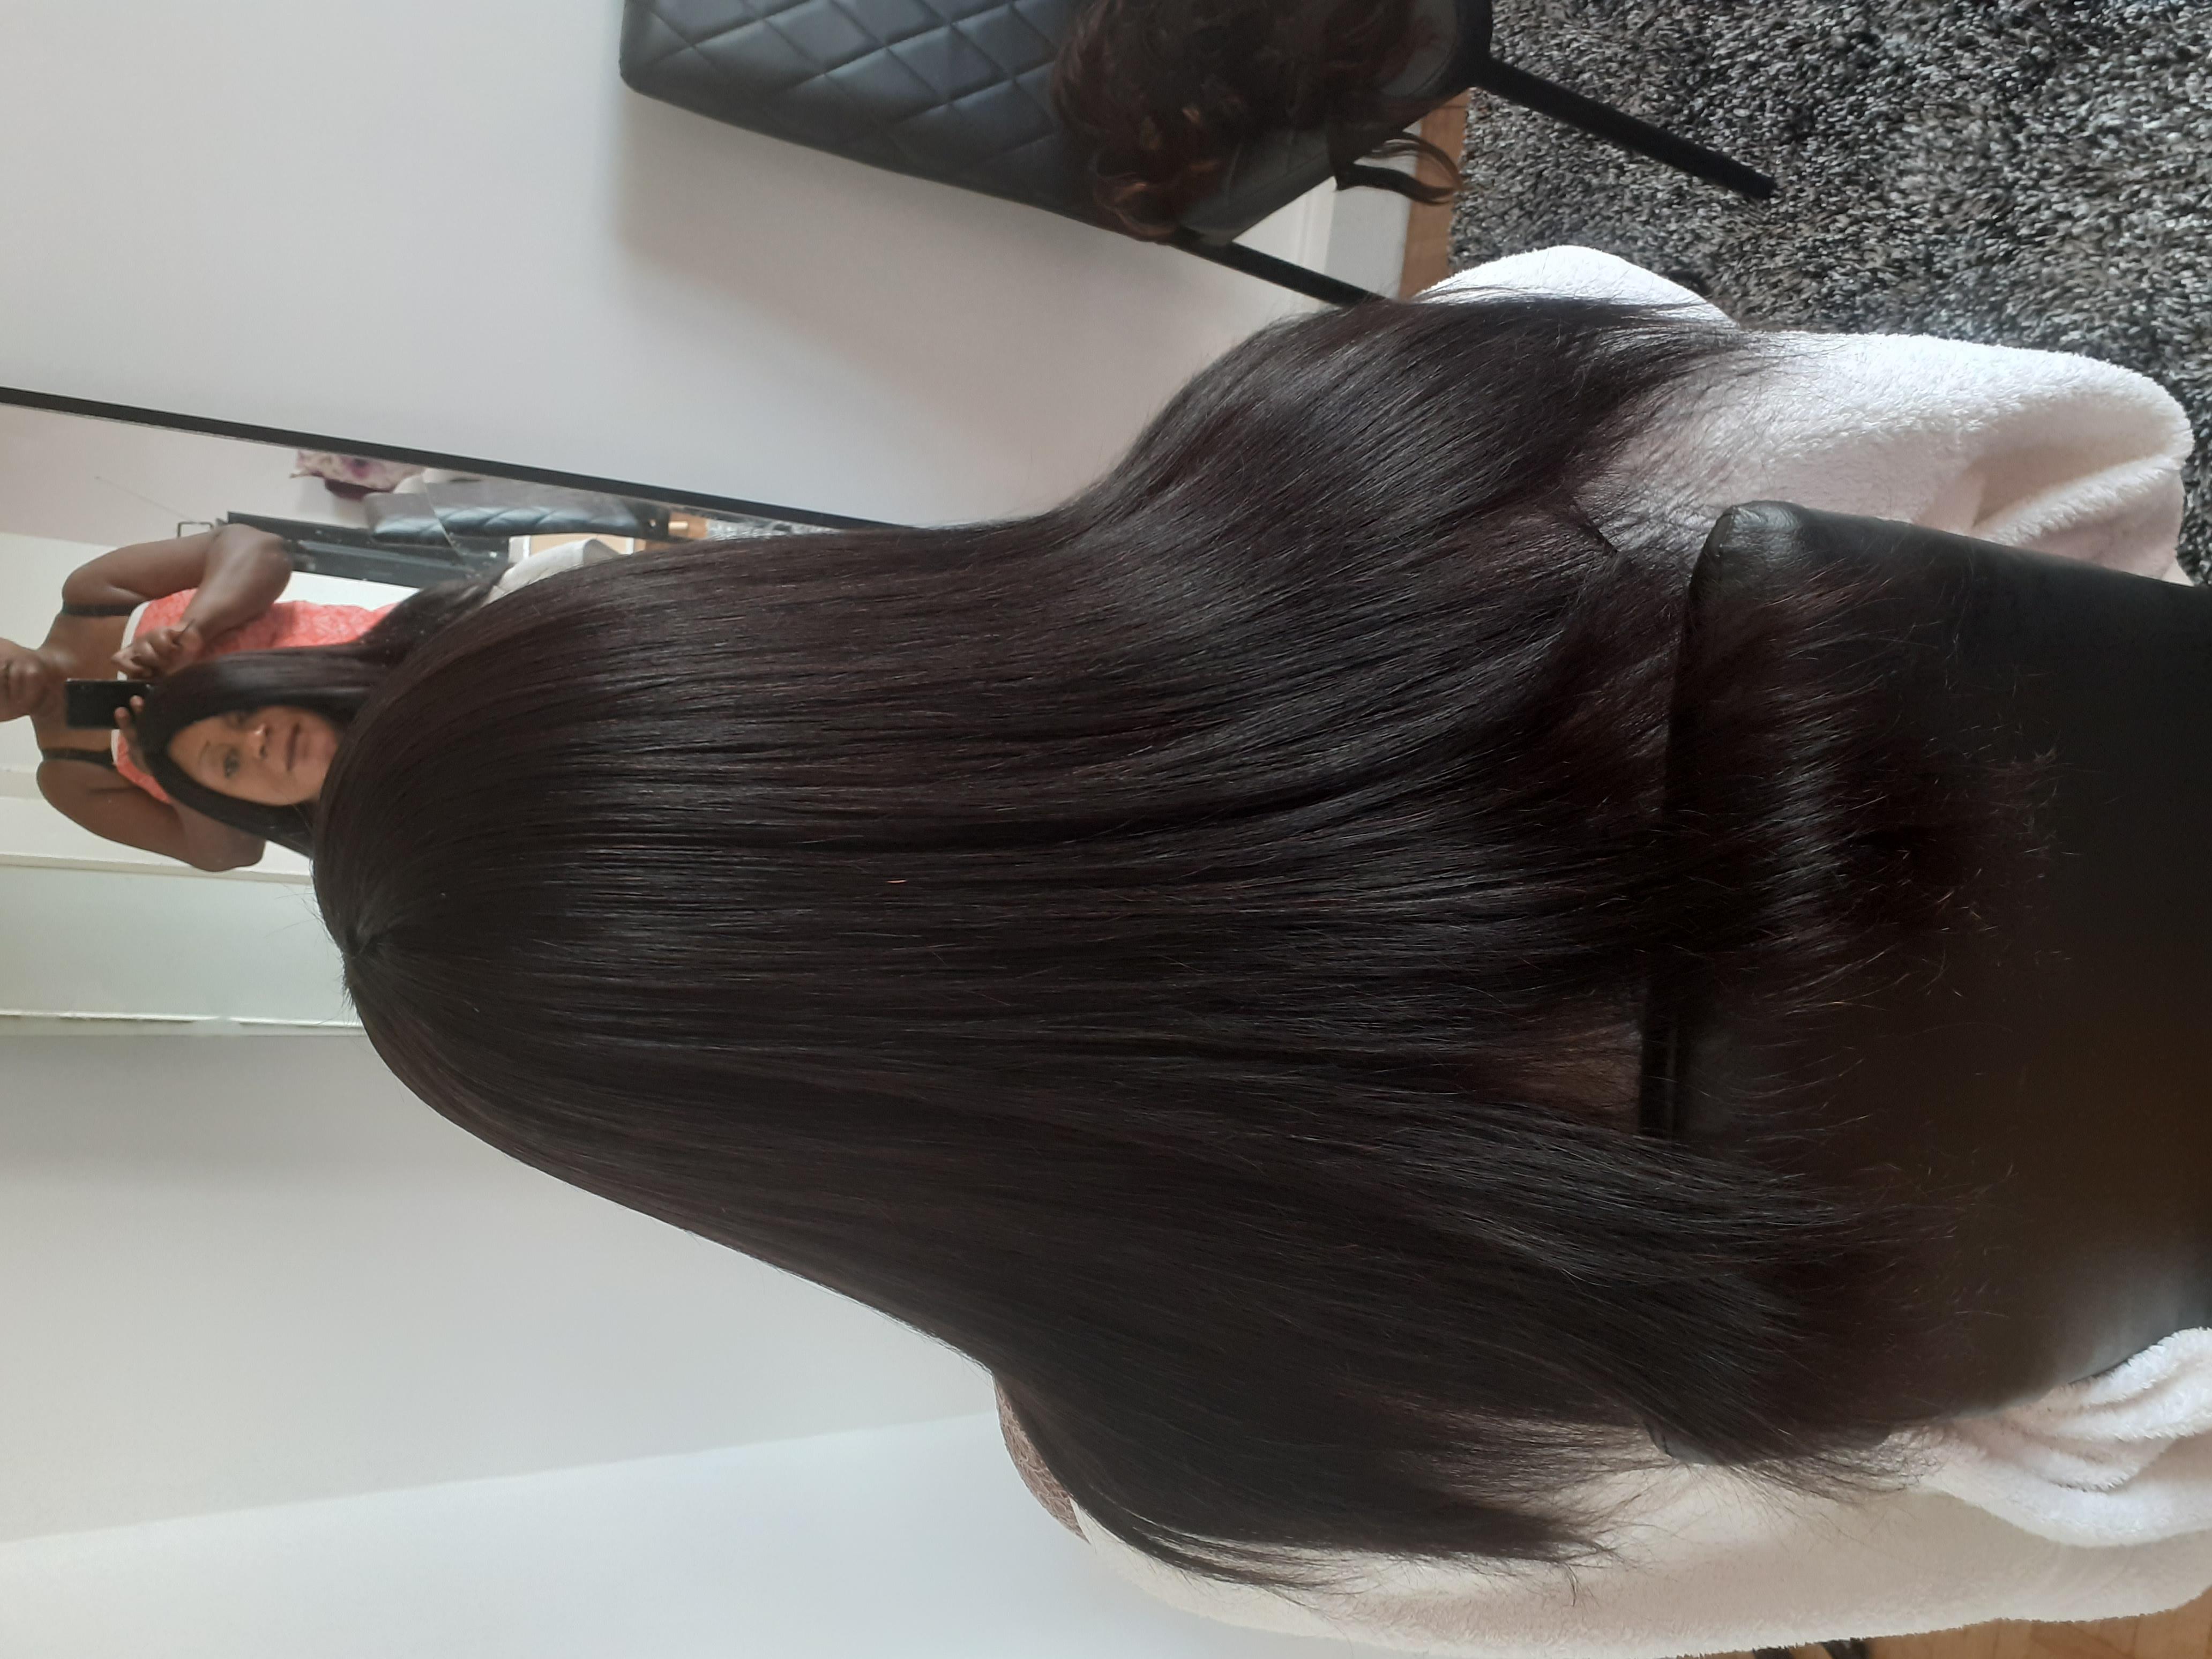 salon de coiffure afro tresse tresses box braids crochet braids vanilles tissages paris 75 77 78 91 92 93 94 95 BLIYKWWN